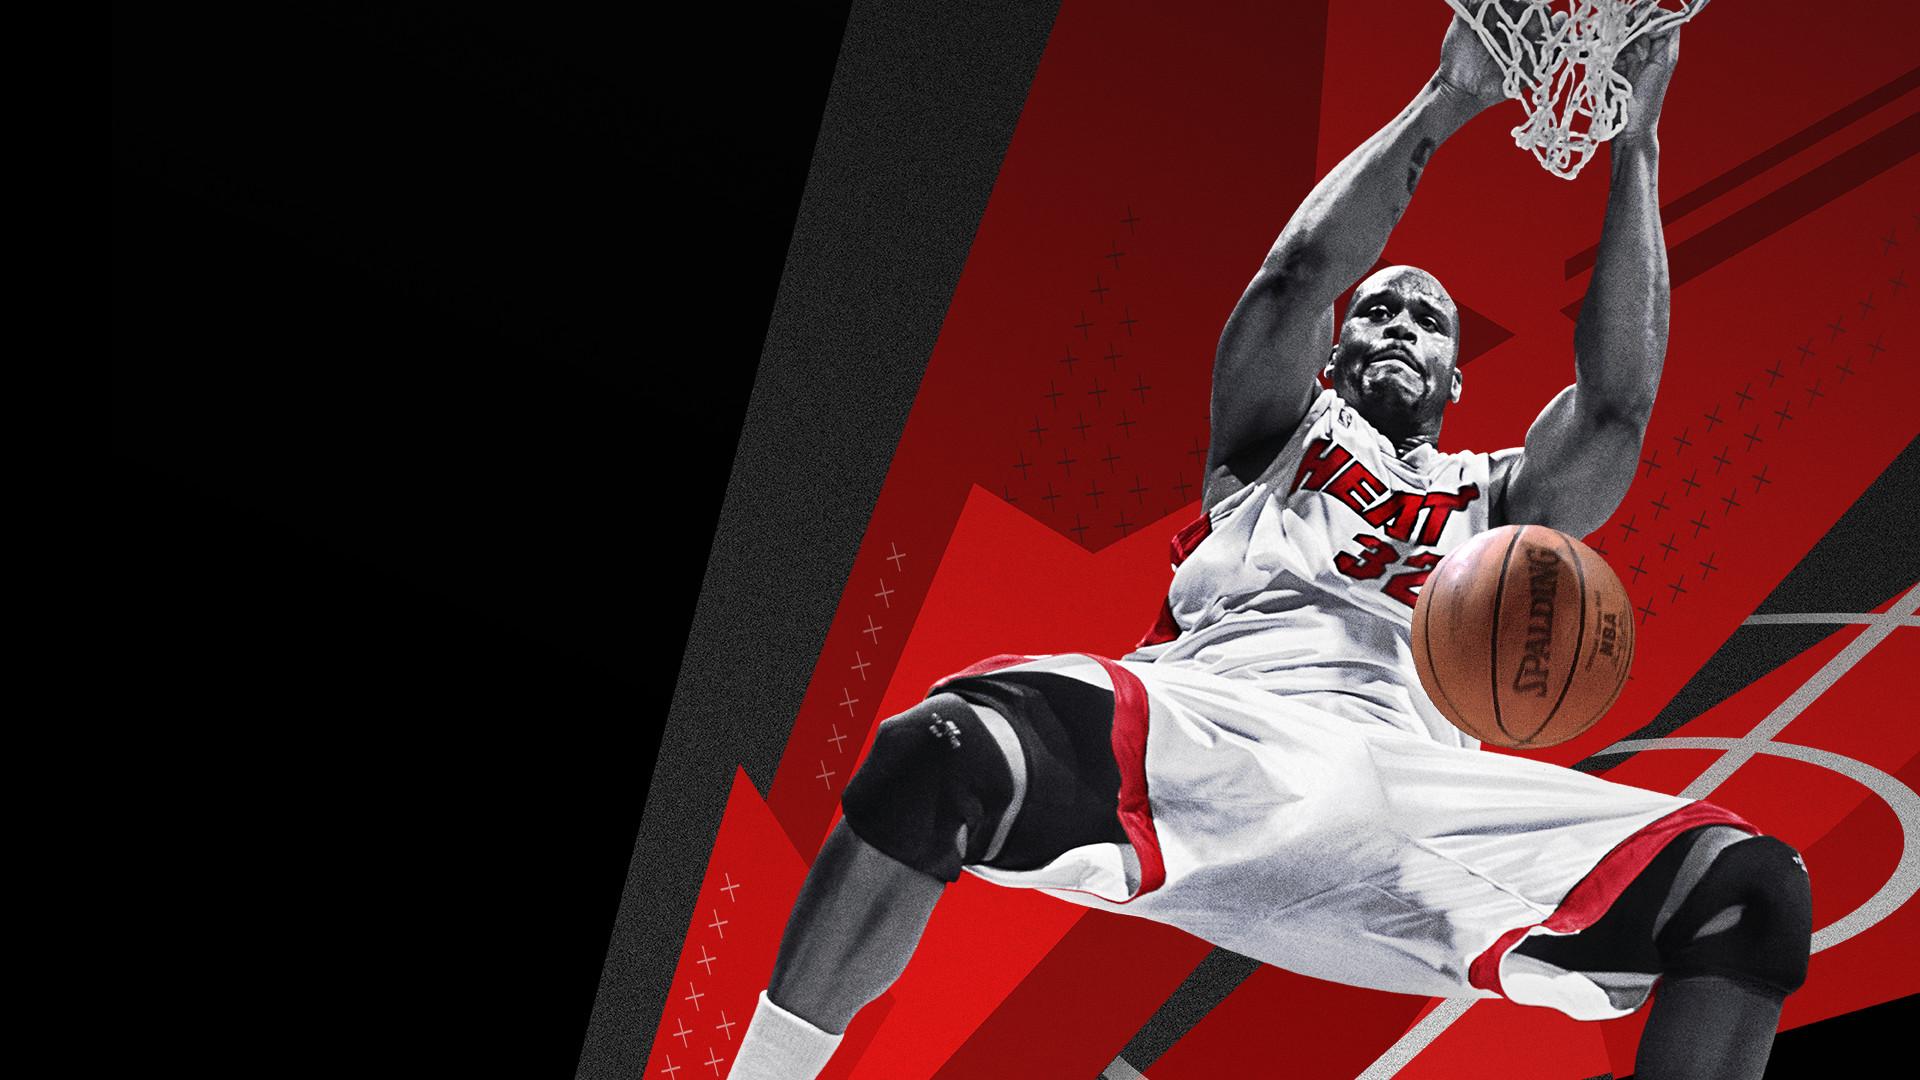 NBA2K18游戏截图欣赏 NBA2K18封面赏析